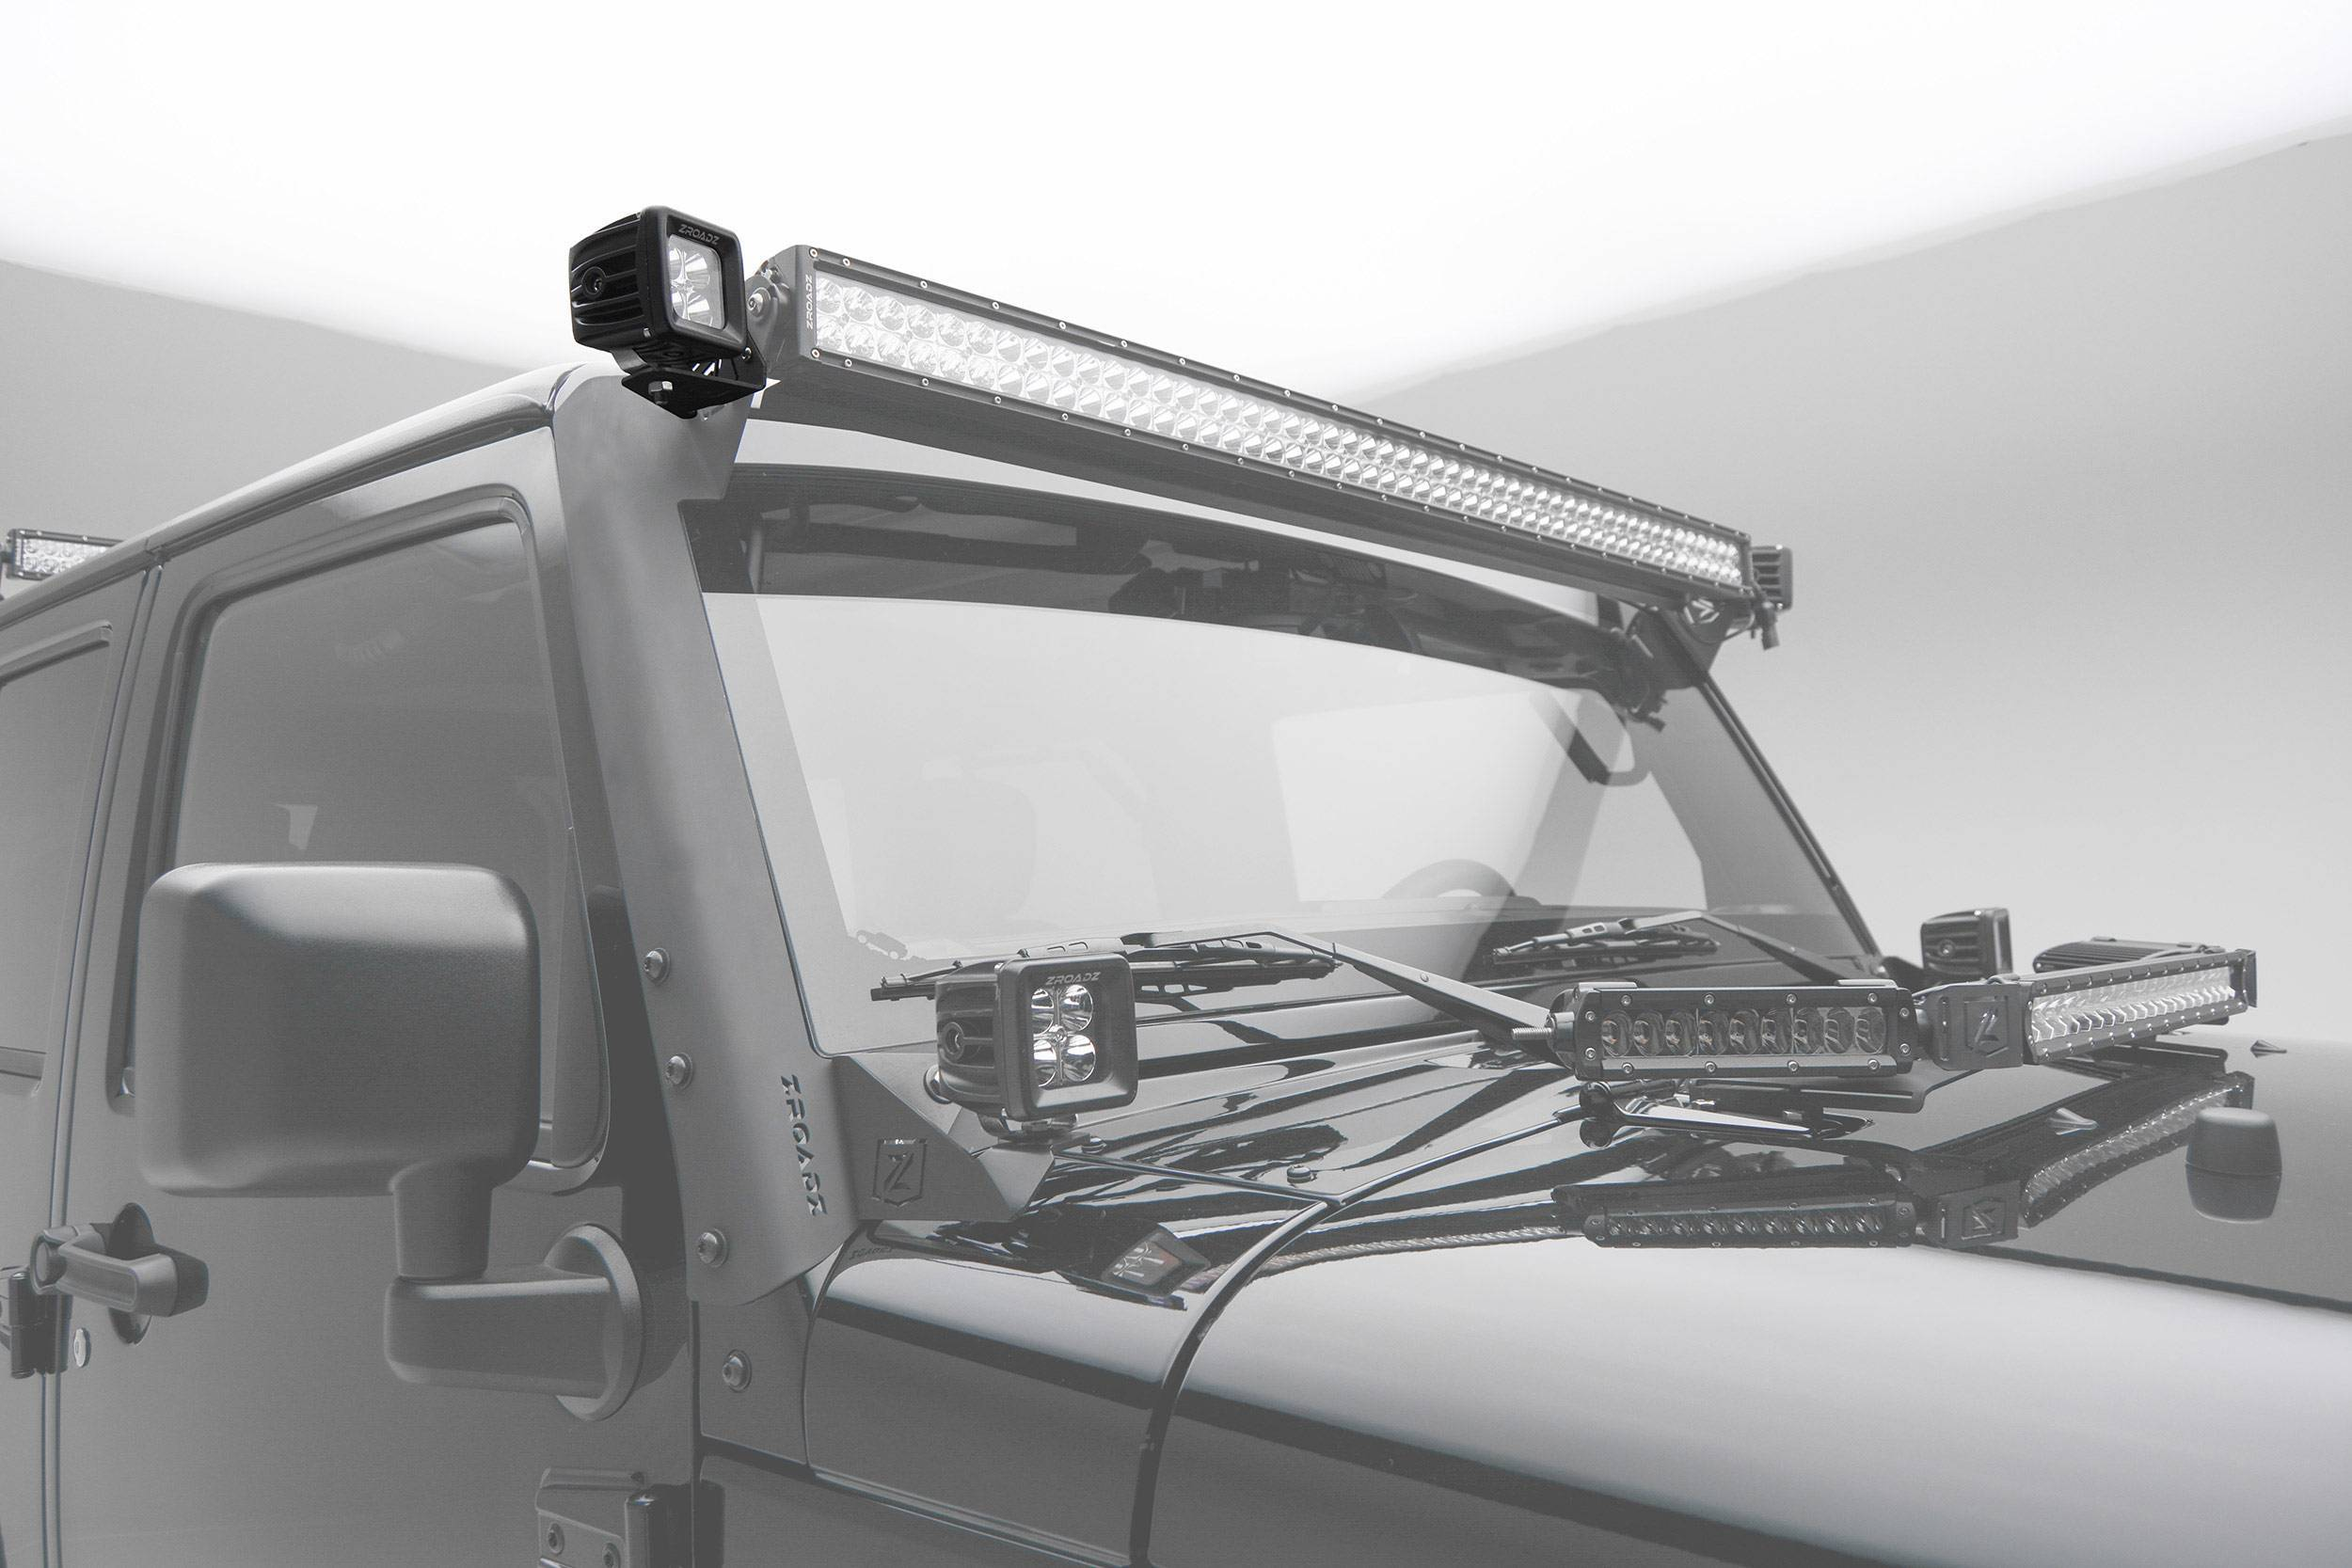 ZROADZ - 2007-2018 Jeep JK Front Roof Side LED Kit with (2) 3 Inch LED Pod Lights - PN #Z334811-KIT